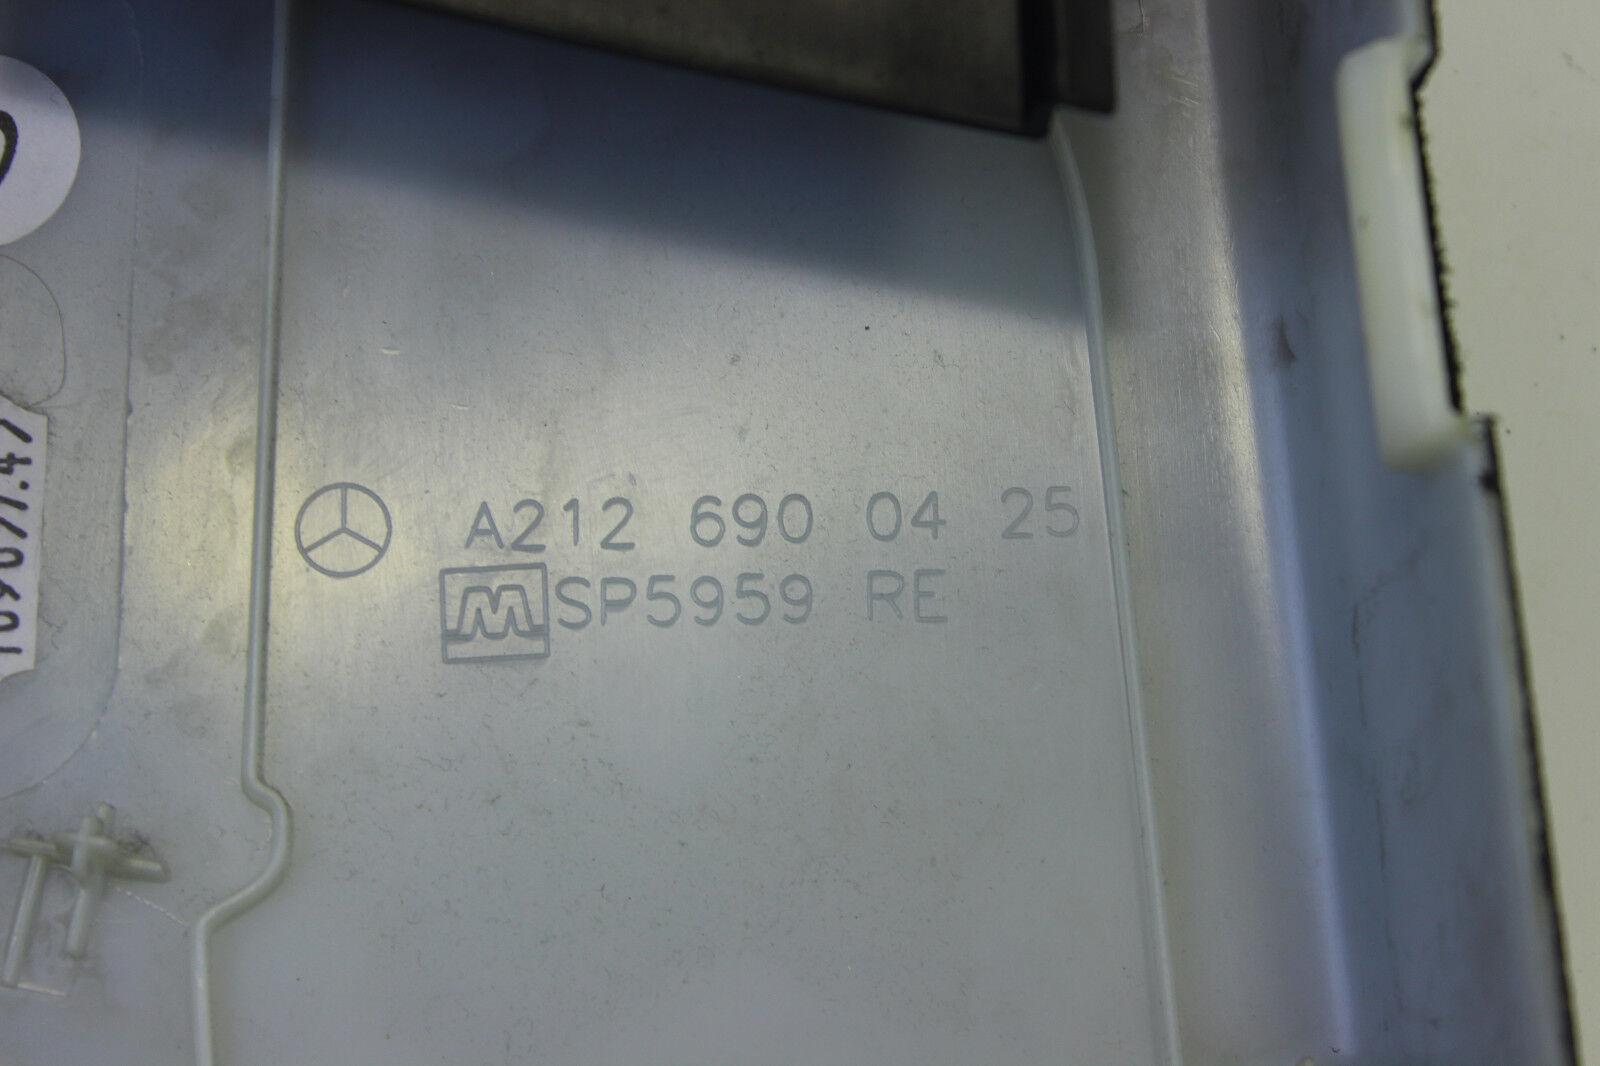 MERCEDES E KLASSE W212 S212 B SÄULE RECHTS VERKLEIDUNG ABDECKUNG A2126902026